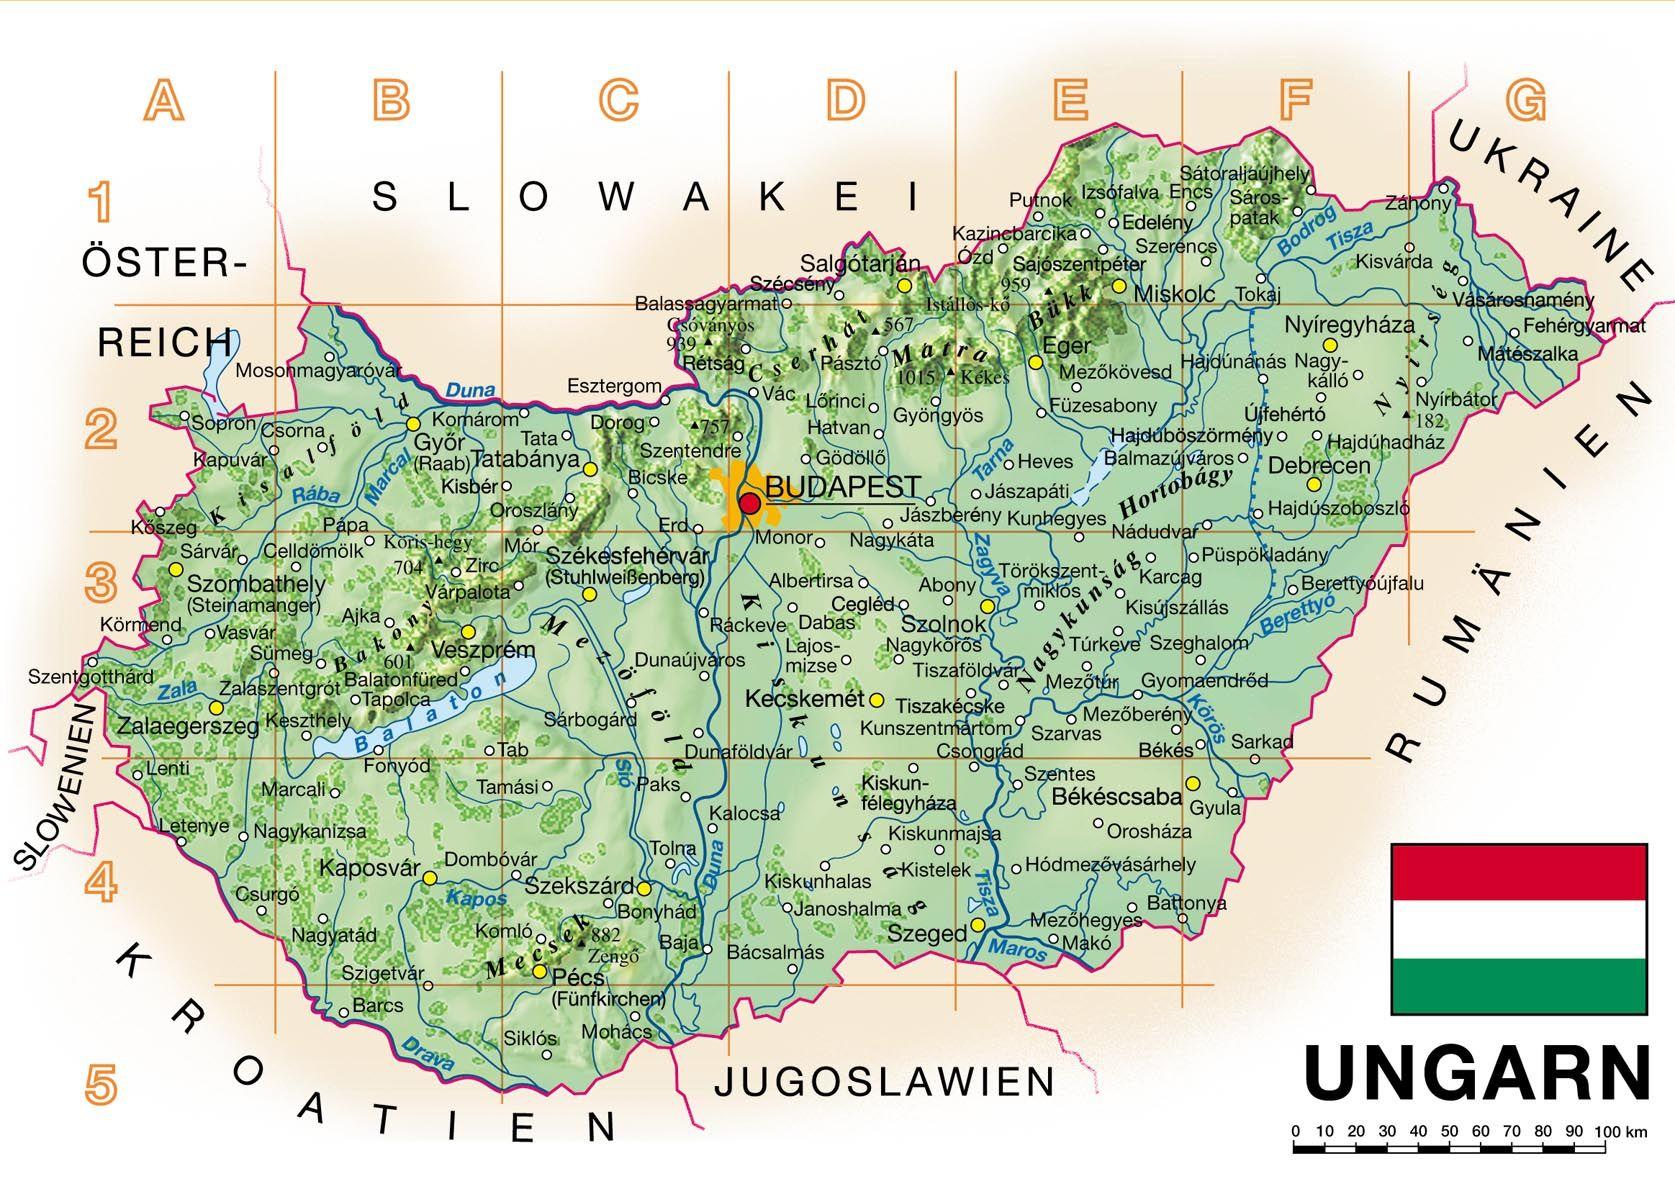 magyarország térkép kereső magyarország térképe   Google keresés | Magyarország térképe  magyarország térkép kereső